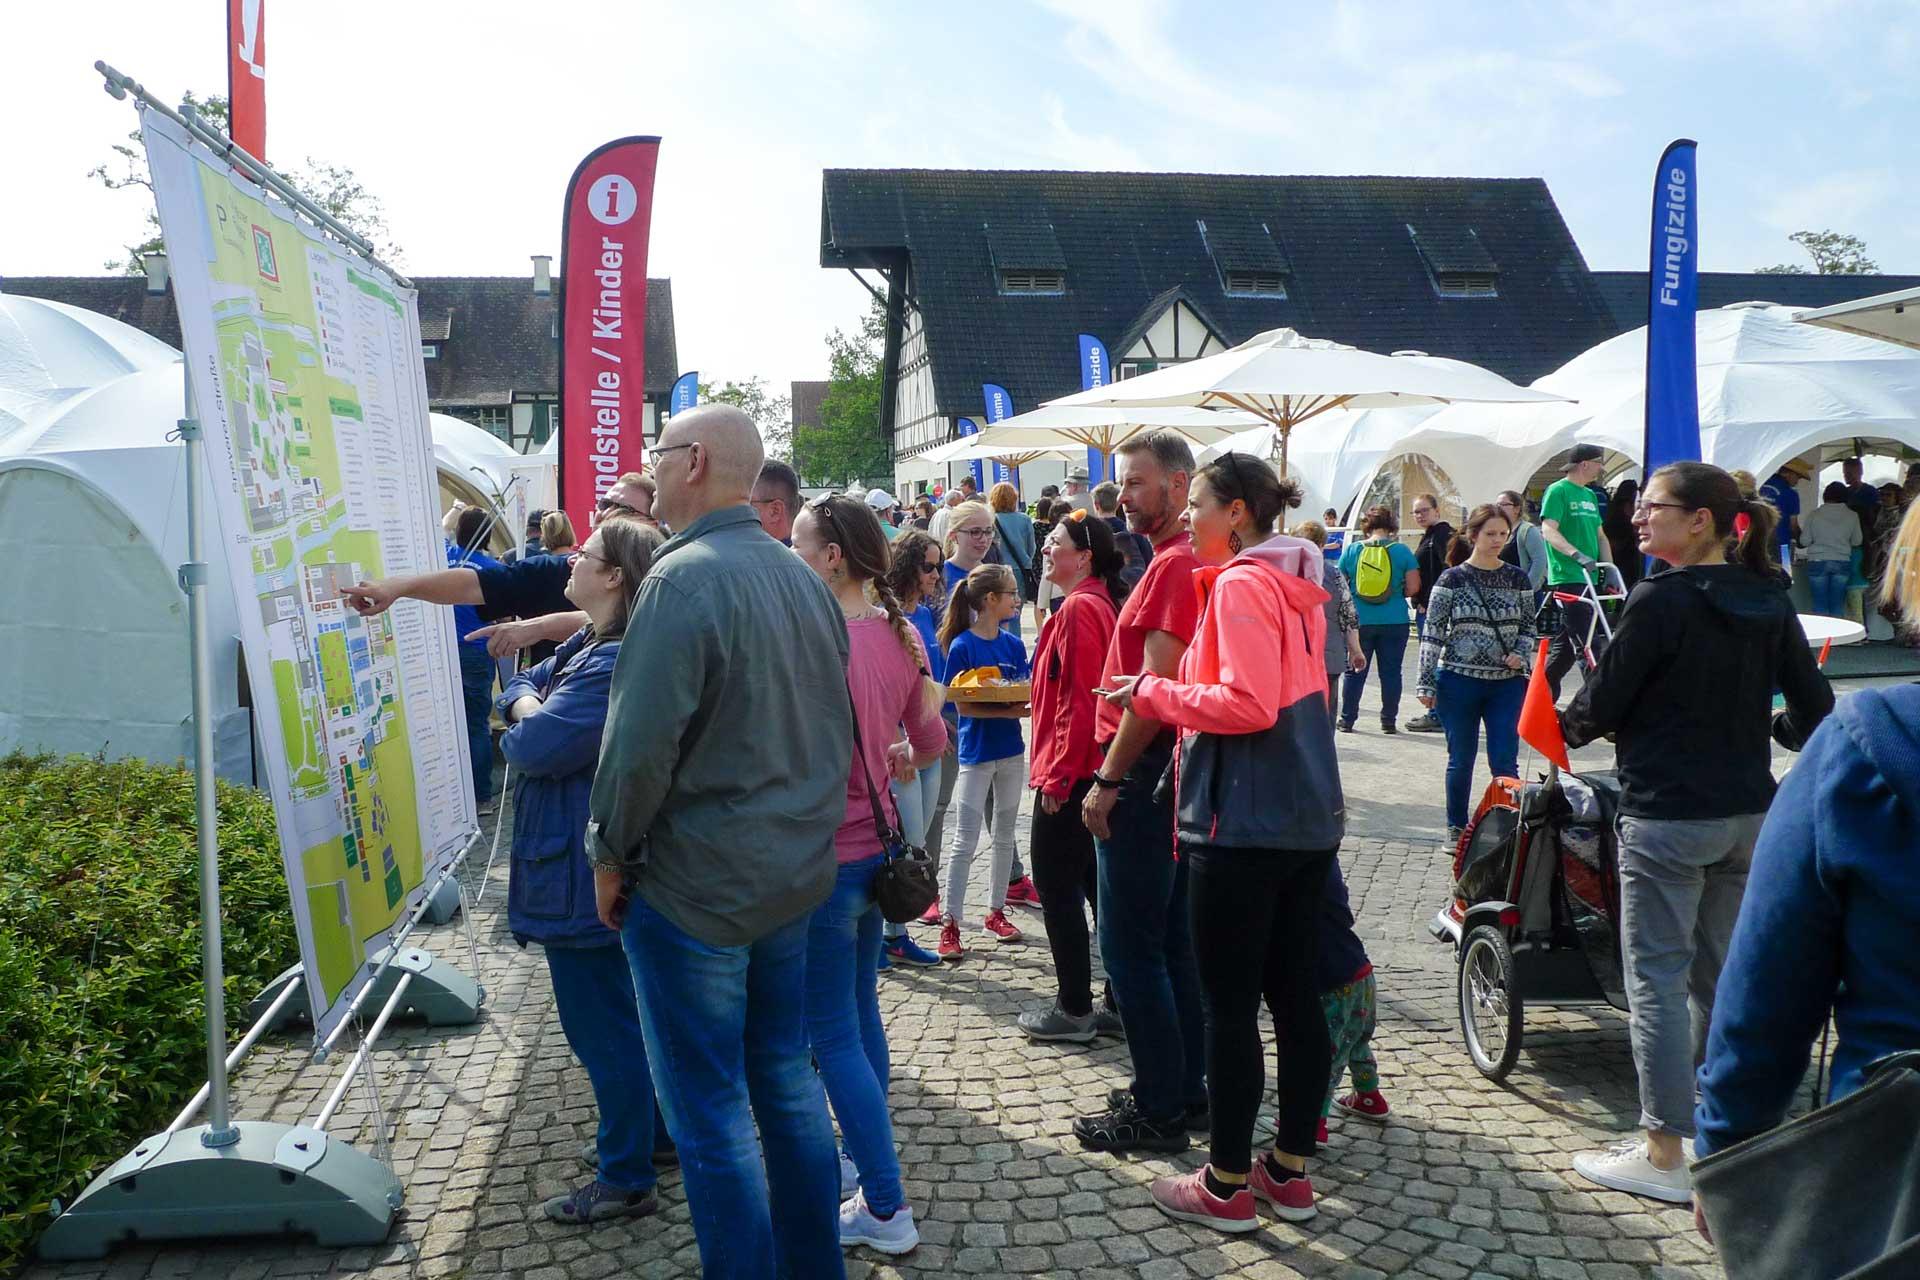 Agentur Ressmann - BASF Bauernmarkt 2018